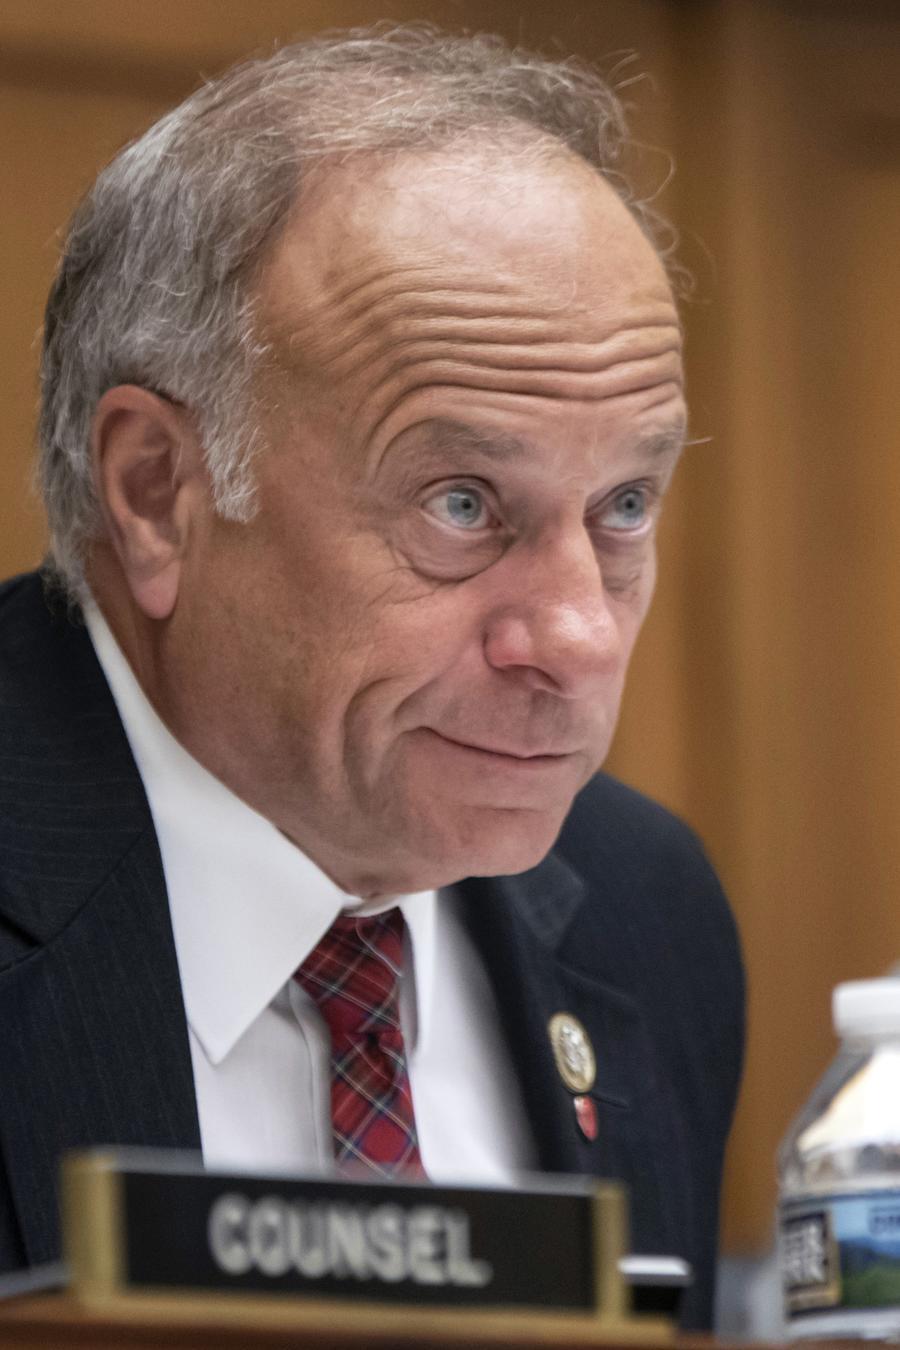 Steve King, congresista republicano de la Cámara de Representantes por el estado de Iowa